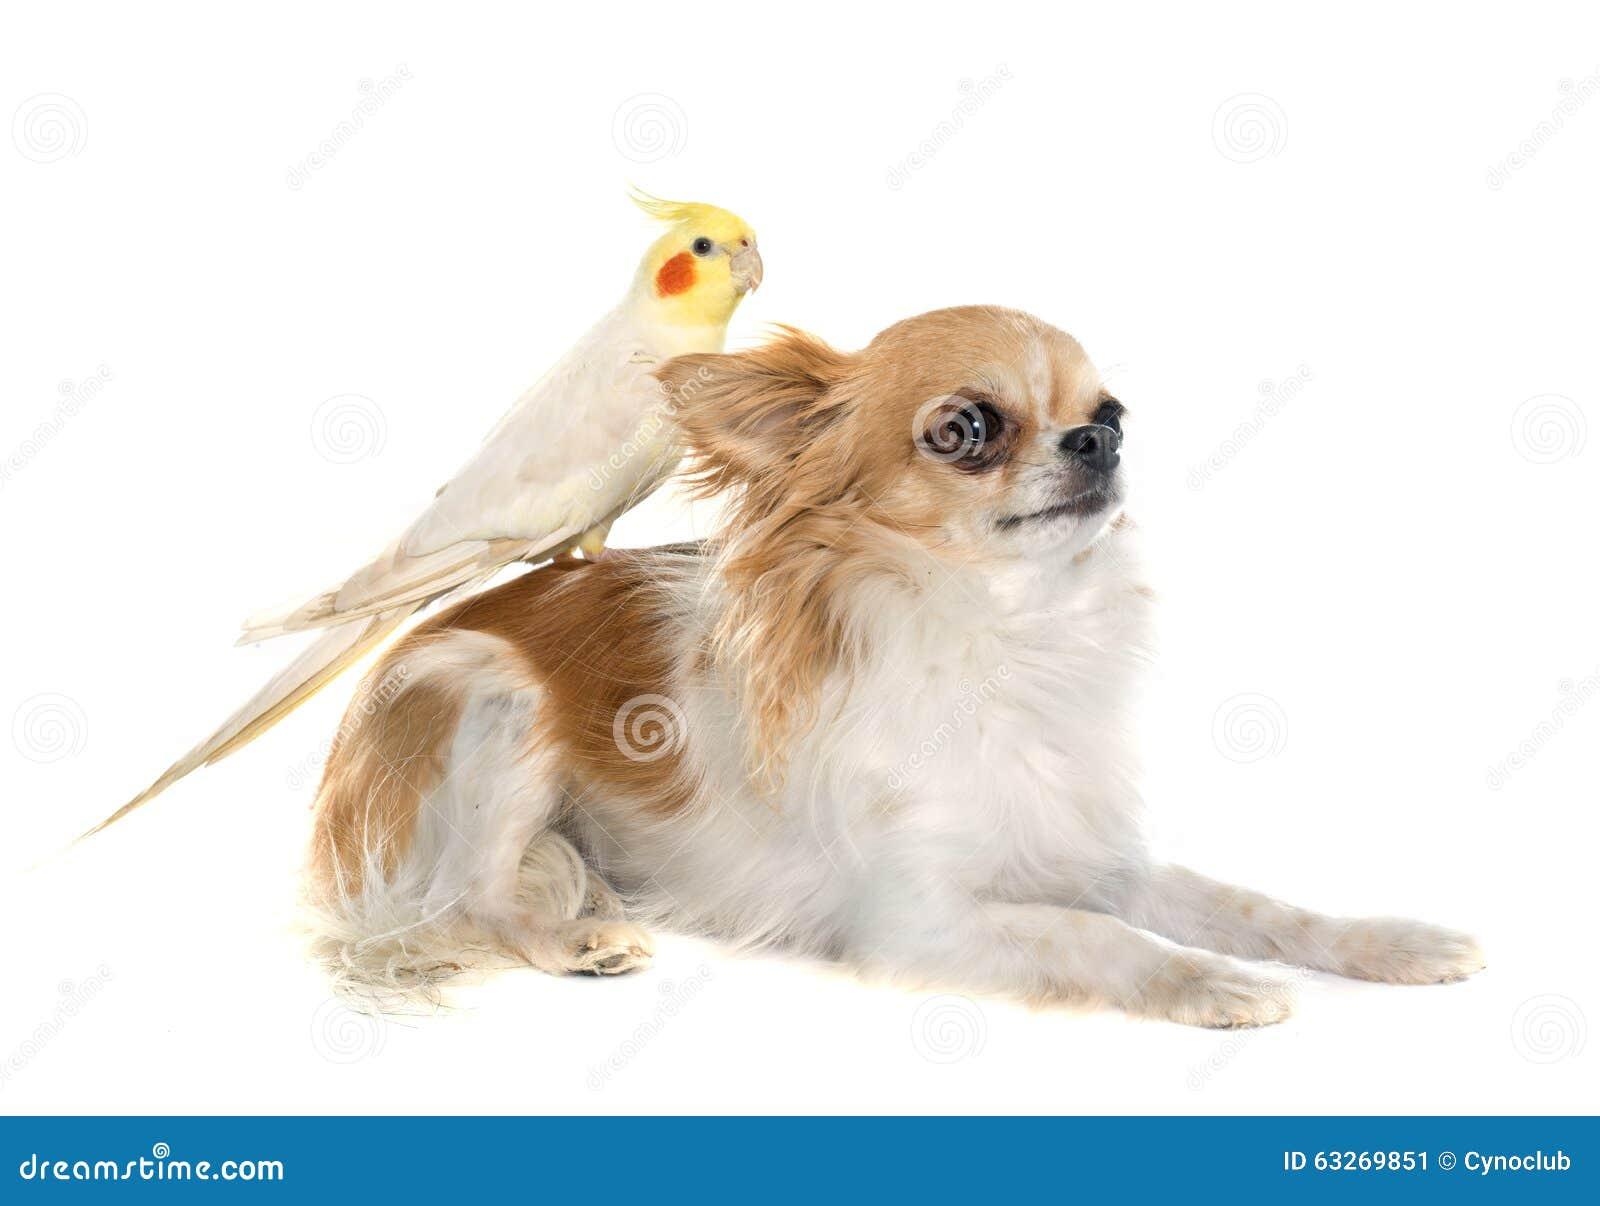 女人和狗配动态囹�a_鹦鹉和狗都tm恋爱了,我却还是单身!视频